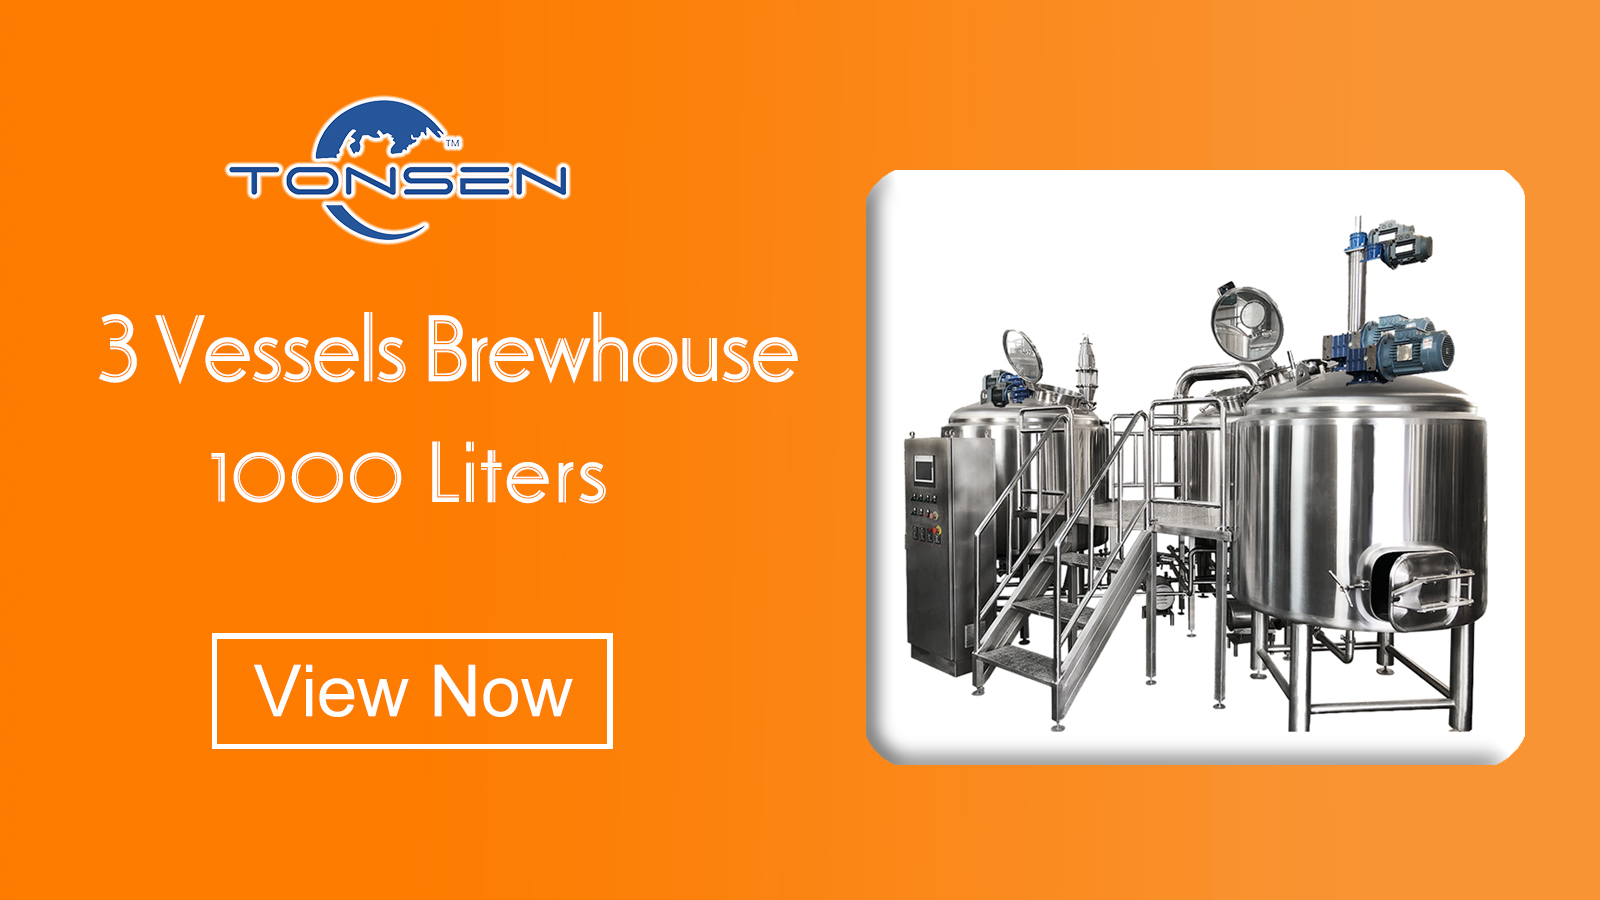 Bier brauen ausrüstung micro brauerei 100L, 200L, 300L 500L, 1000L pro charge